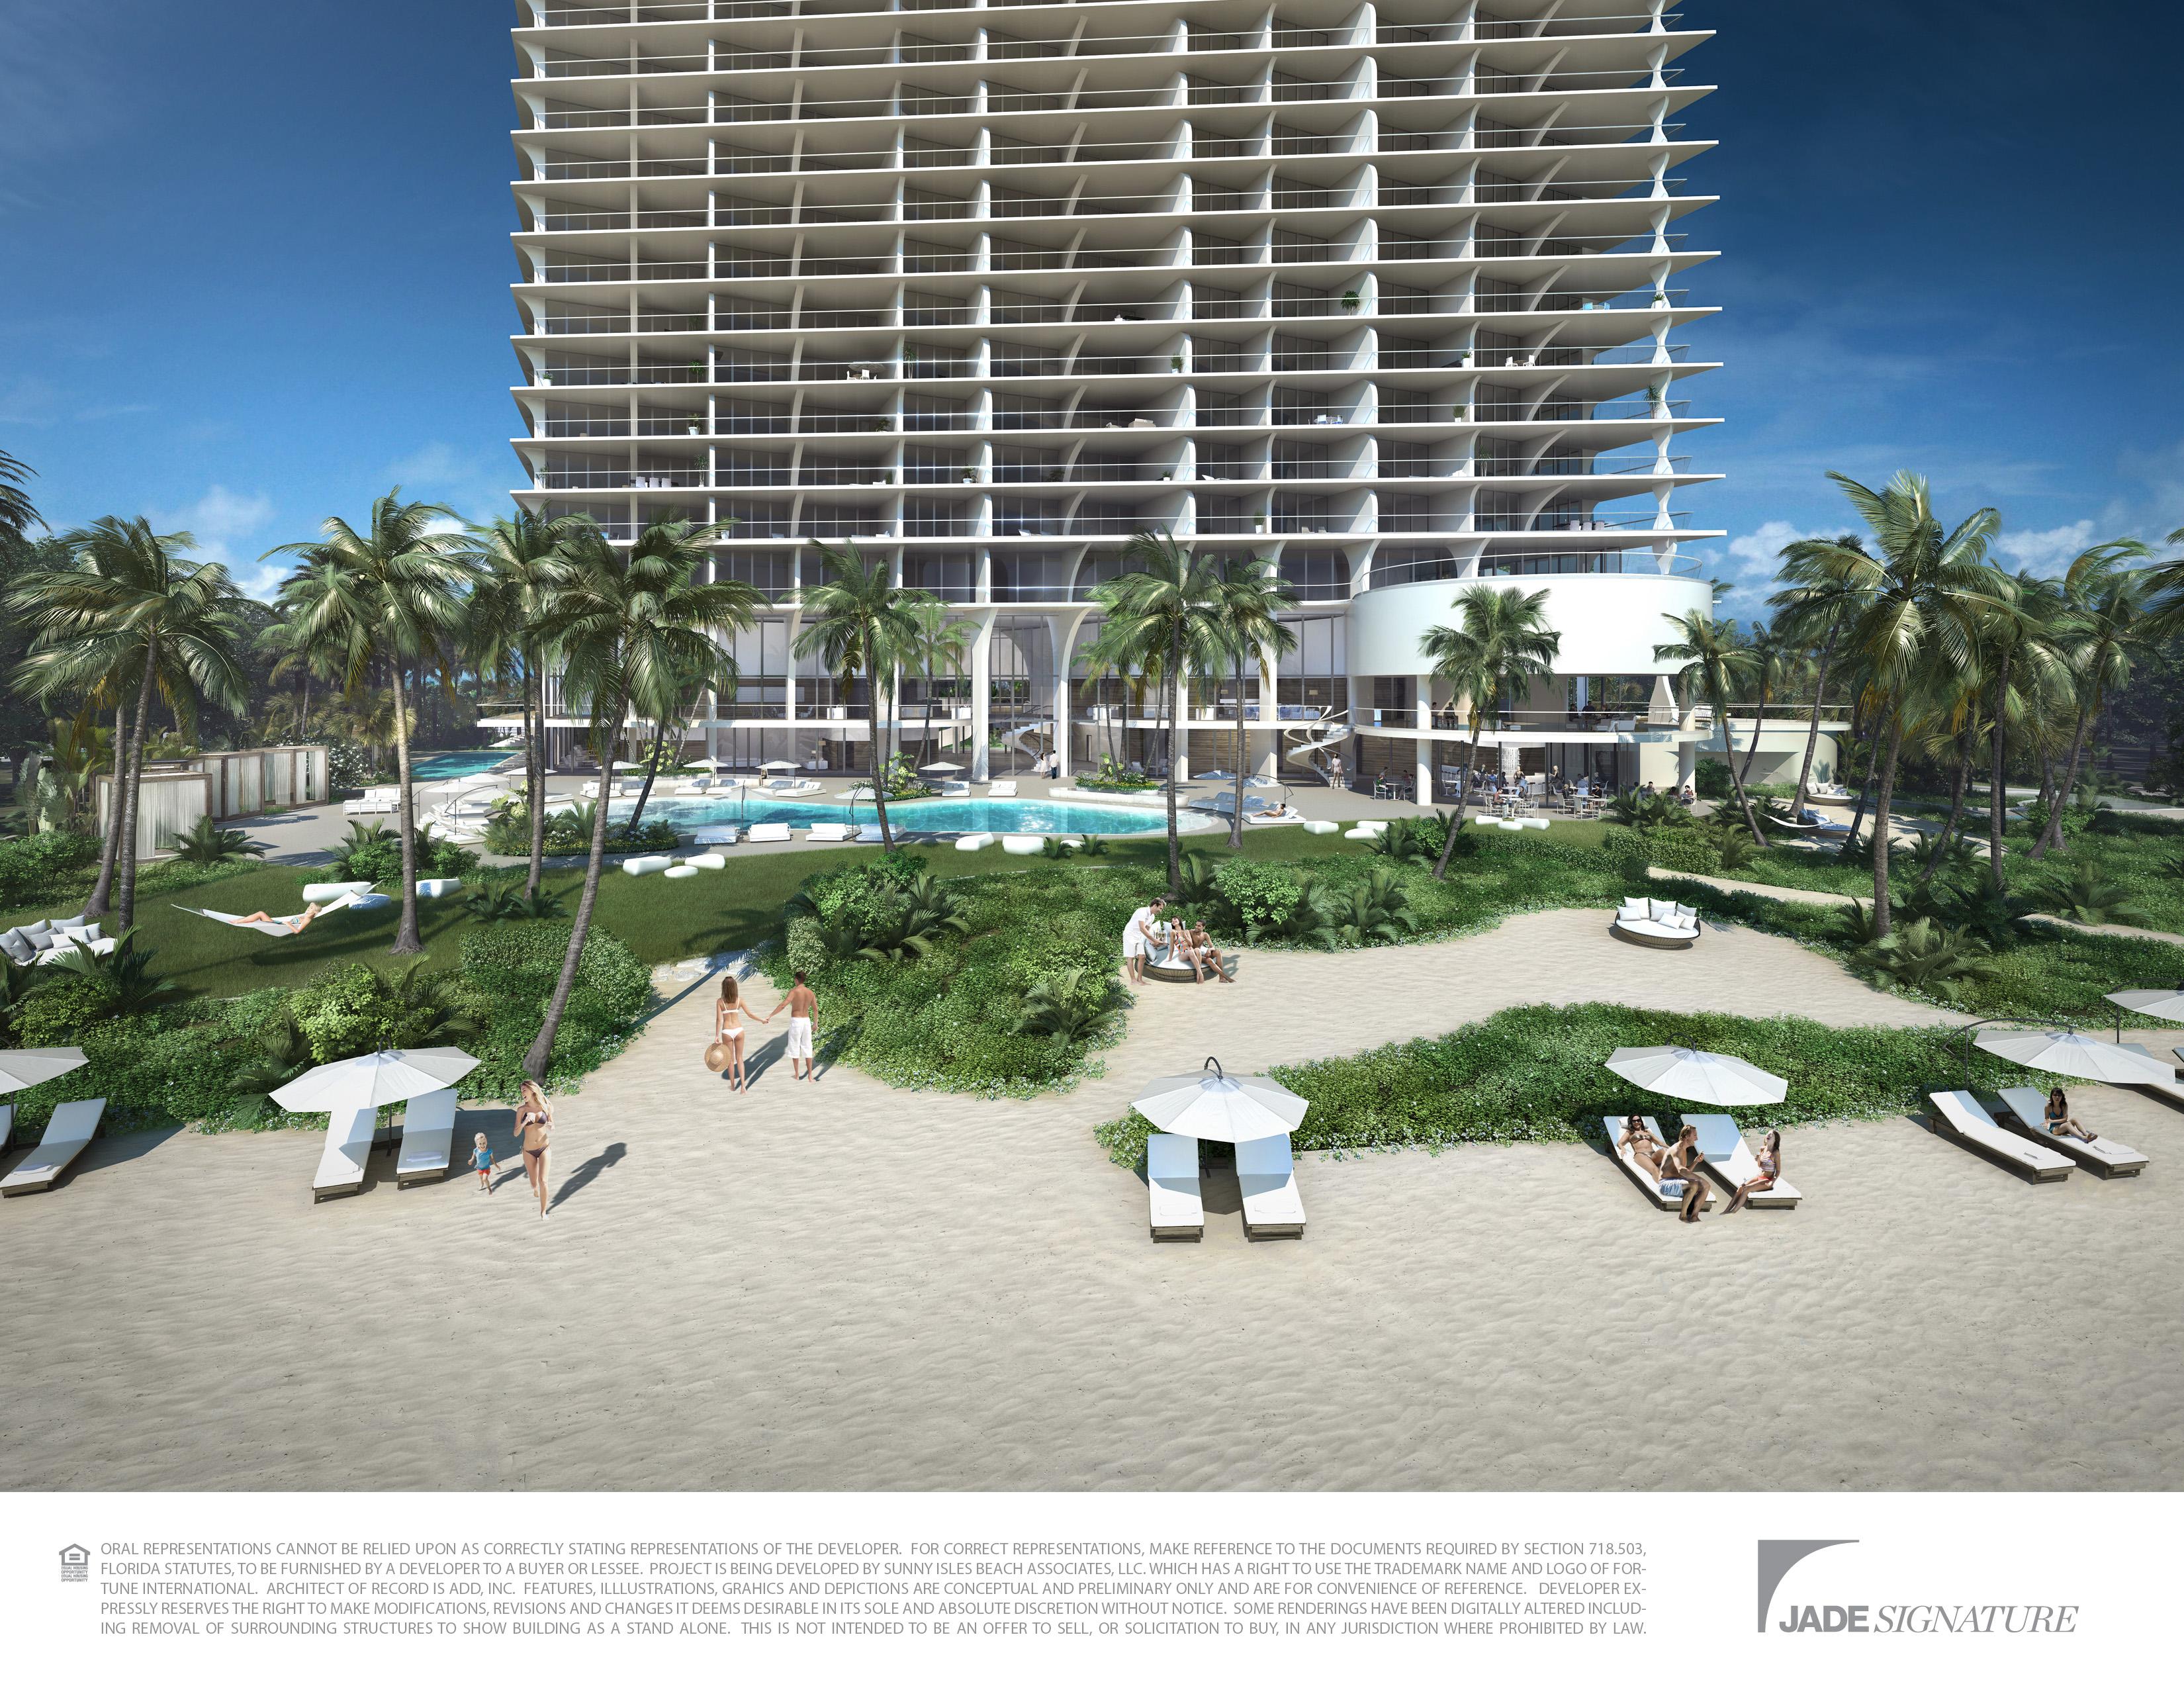 Jade Signature Sunny Isles Fl Miami Beach Luxury Ocean